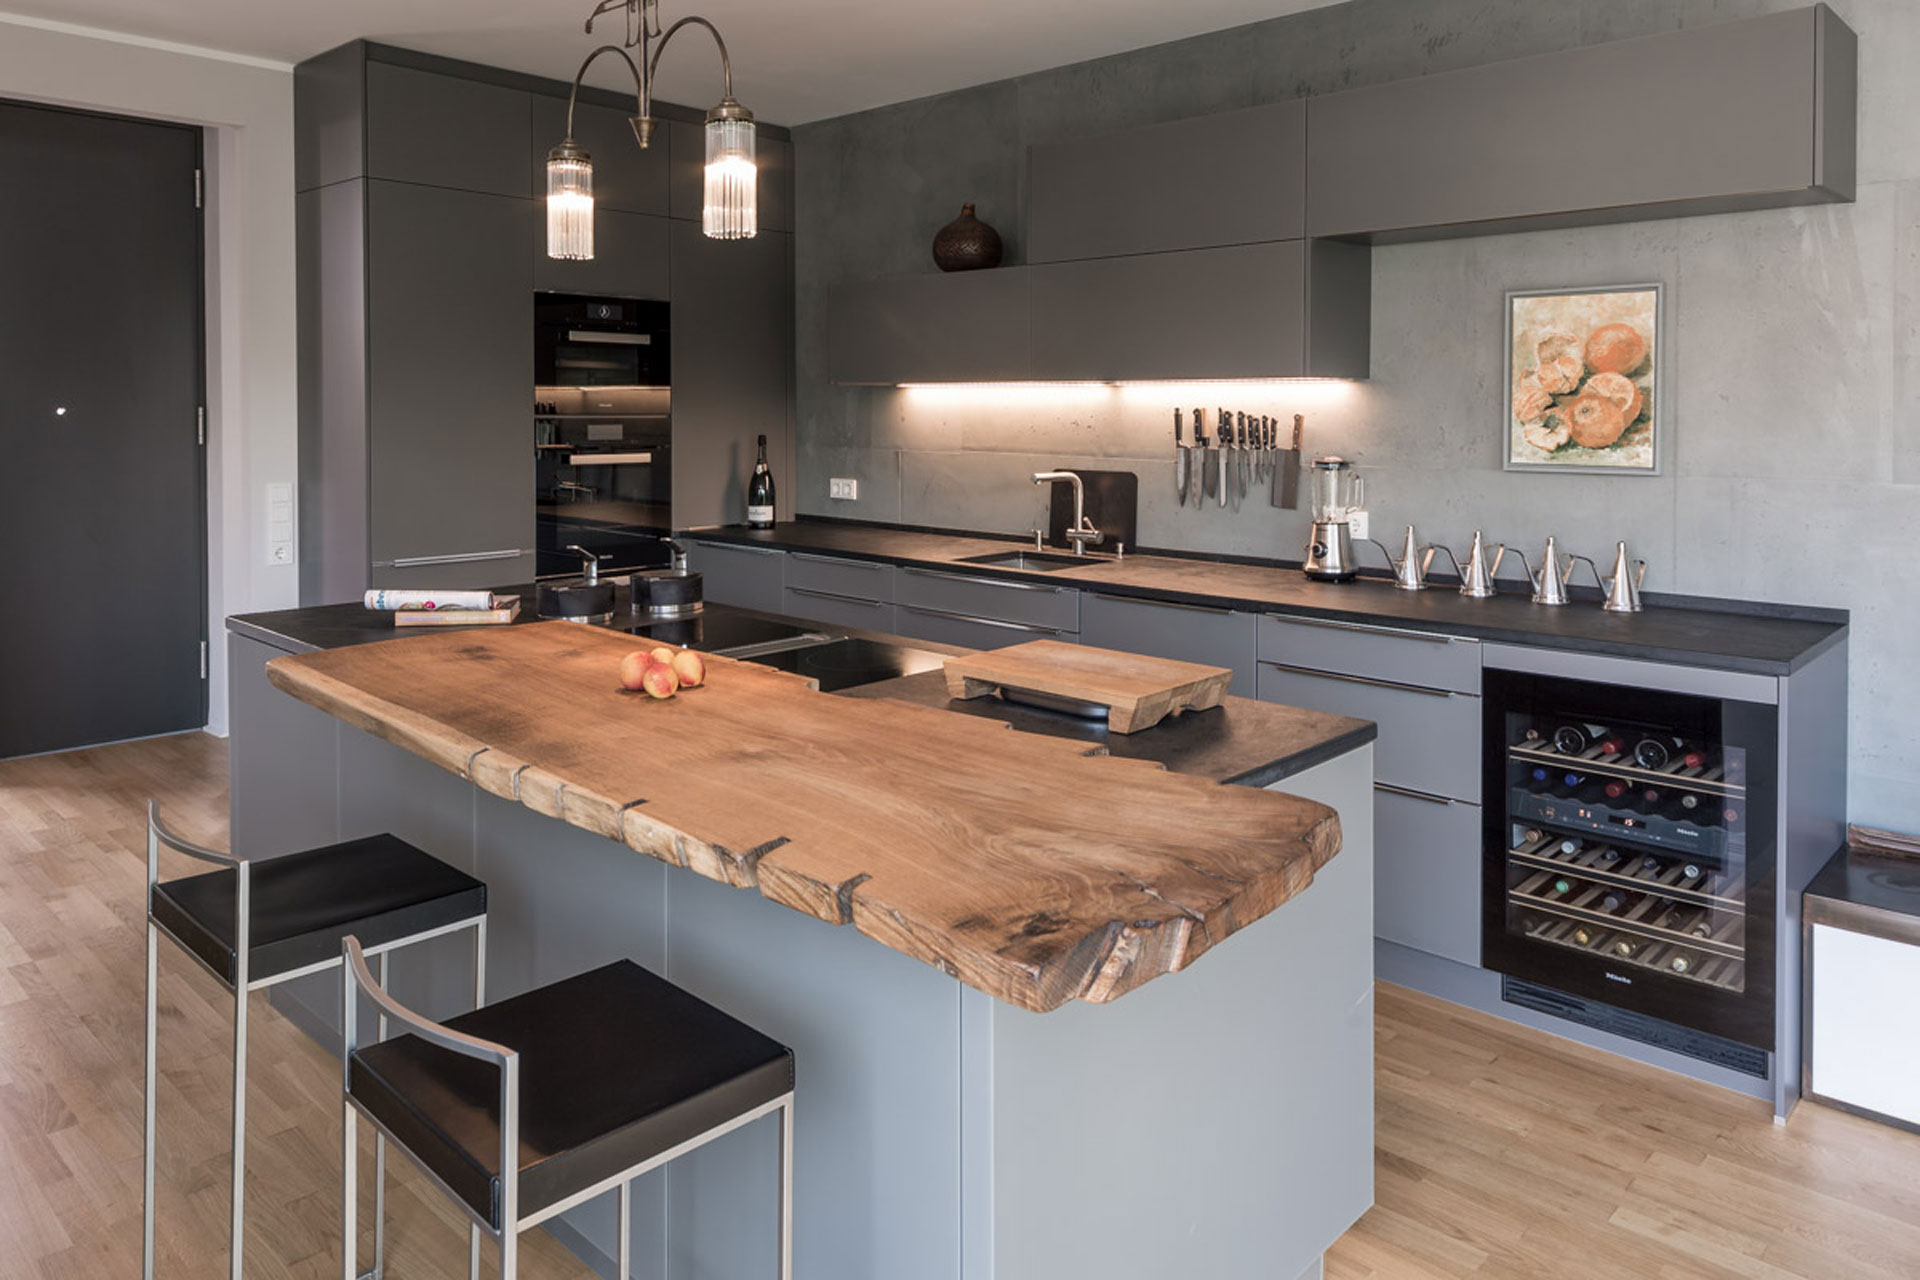 Naturgewalten: Holz und Stein – MILANO küchen.werk Dresden